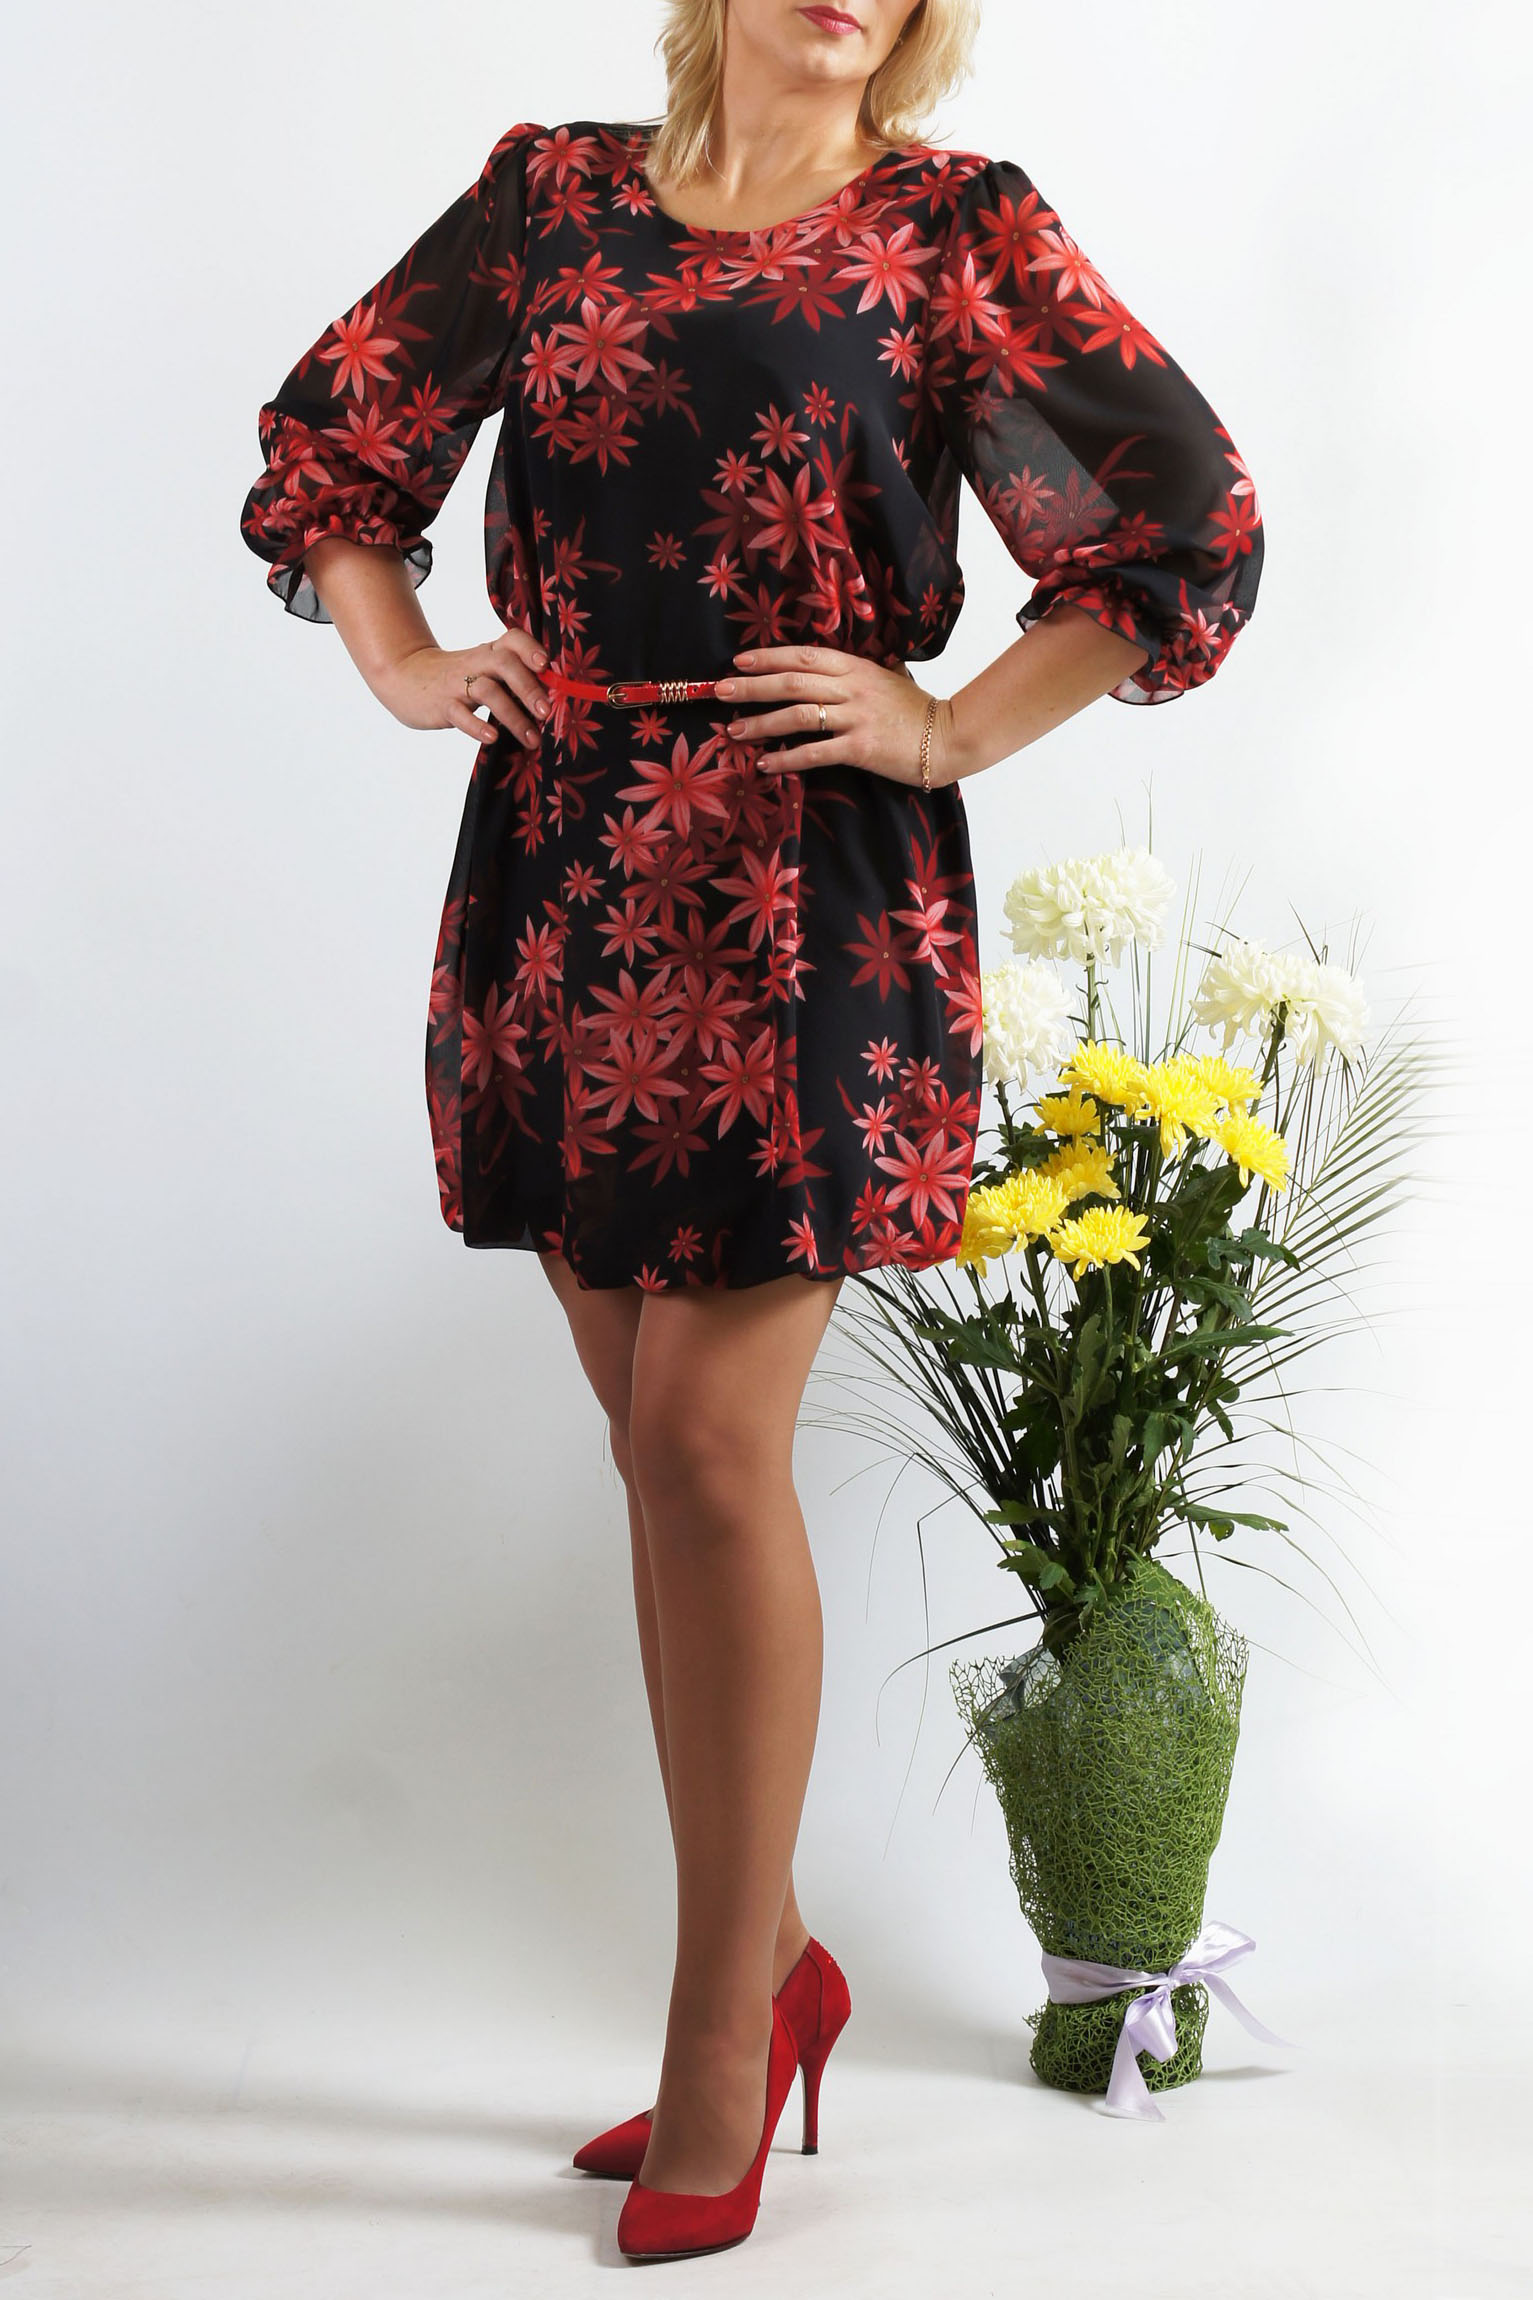 ПлатьеПлатья<br>Это эффектное платье-баллон из легкой шифоновой ткани придется по вкусу многим юным девушкам и молодым женщинам. Его короткая длина открывает к всеобщему обозрению красивые и стройные ножки обладательницы платья, а удачный крой модели поможет скрыть возможные недостатки в верхней части женской фигуры. Достаточно подчеркнуть линию талии оригинальным тонким пояском – и шикарный вечерний наряд готов  Верх платья-баллон из шифона, который закладывается в воздушные складки, а внутренняя часть подобрана в тон верха и выполнена из трикотажа «холодное масло», которое скользит по телу и не сковывает движения . Рукав втачной, длиной 3/4, без подклада, с небольшой сборкой по окату, низ рукава собран на тонкую резинку и формирует кокетливую рюшечку – поэтому длину рукава можно регулировать.  Платье без пояса.  Длина изделия: 46-48 размеры - около 87,0 см; 50-52 размеры – около 97,0 см; 54-56 размеры – около 99,0 см.  В изделии использованы цвета: черный, бордовый  Параметры размеров: 42 размер - обхват груди 84 см., обхват талии 64 см., обхват бедер 92 см. 44 размер - обхват груди 88 см., обхват талии 68 см., обхват бедер 96 см. 46 размер - обхват груди 92 см., обхват талии 72 см., обхват бедер 100 см. 48 размер - обхват груди 96 см., обхват талии 76 см., обхват бедер 104 см. 50 размер - обхват груди 100 см., обхват талии 80 см., обхват бедер 108 см. 52 размер - обхват груди 104 см., обхват талии 85 см., обхват бедер 112 см. 54 размер - обхват груди 108 см., обхват талии 89 см., обхват бедер 116 см. 56 размер - обхват груди 112 см., обхват талии 94 см., обхват бедер 120 см. 58 размер - обхват груди 116 см., обхват талии 100 см., обхват бедер 124 см.  Ростовка изделия 167-173 см.<br><br>Горловина: С- горловина<br>По длине: До колена<br>По материалу: Шифон<br>По образу: Город,Свидание<br>По рисунку: Растительные мотивы,С принтом,Цветные,Цветочные<br>По сезону: Весна,Зима,Лето,Осень,Всесезон<br>По силуэту: Свободные<br>По стилю: Нарядный стиль<br>Рукав: Рукав три ч